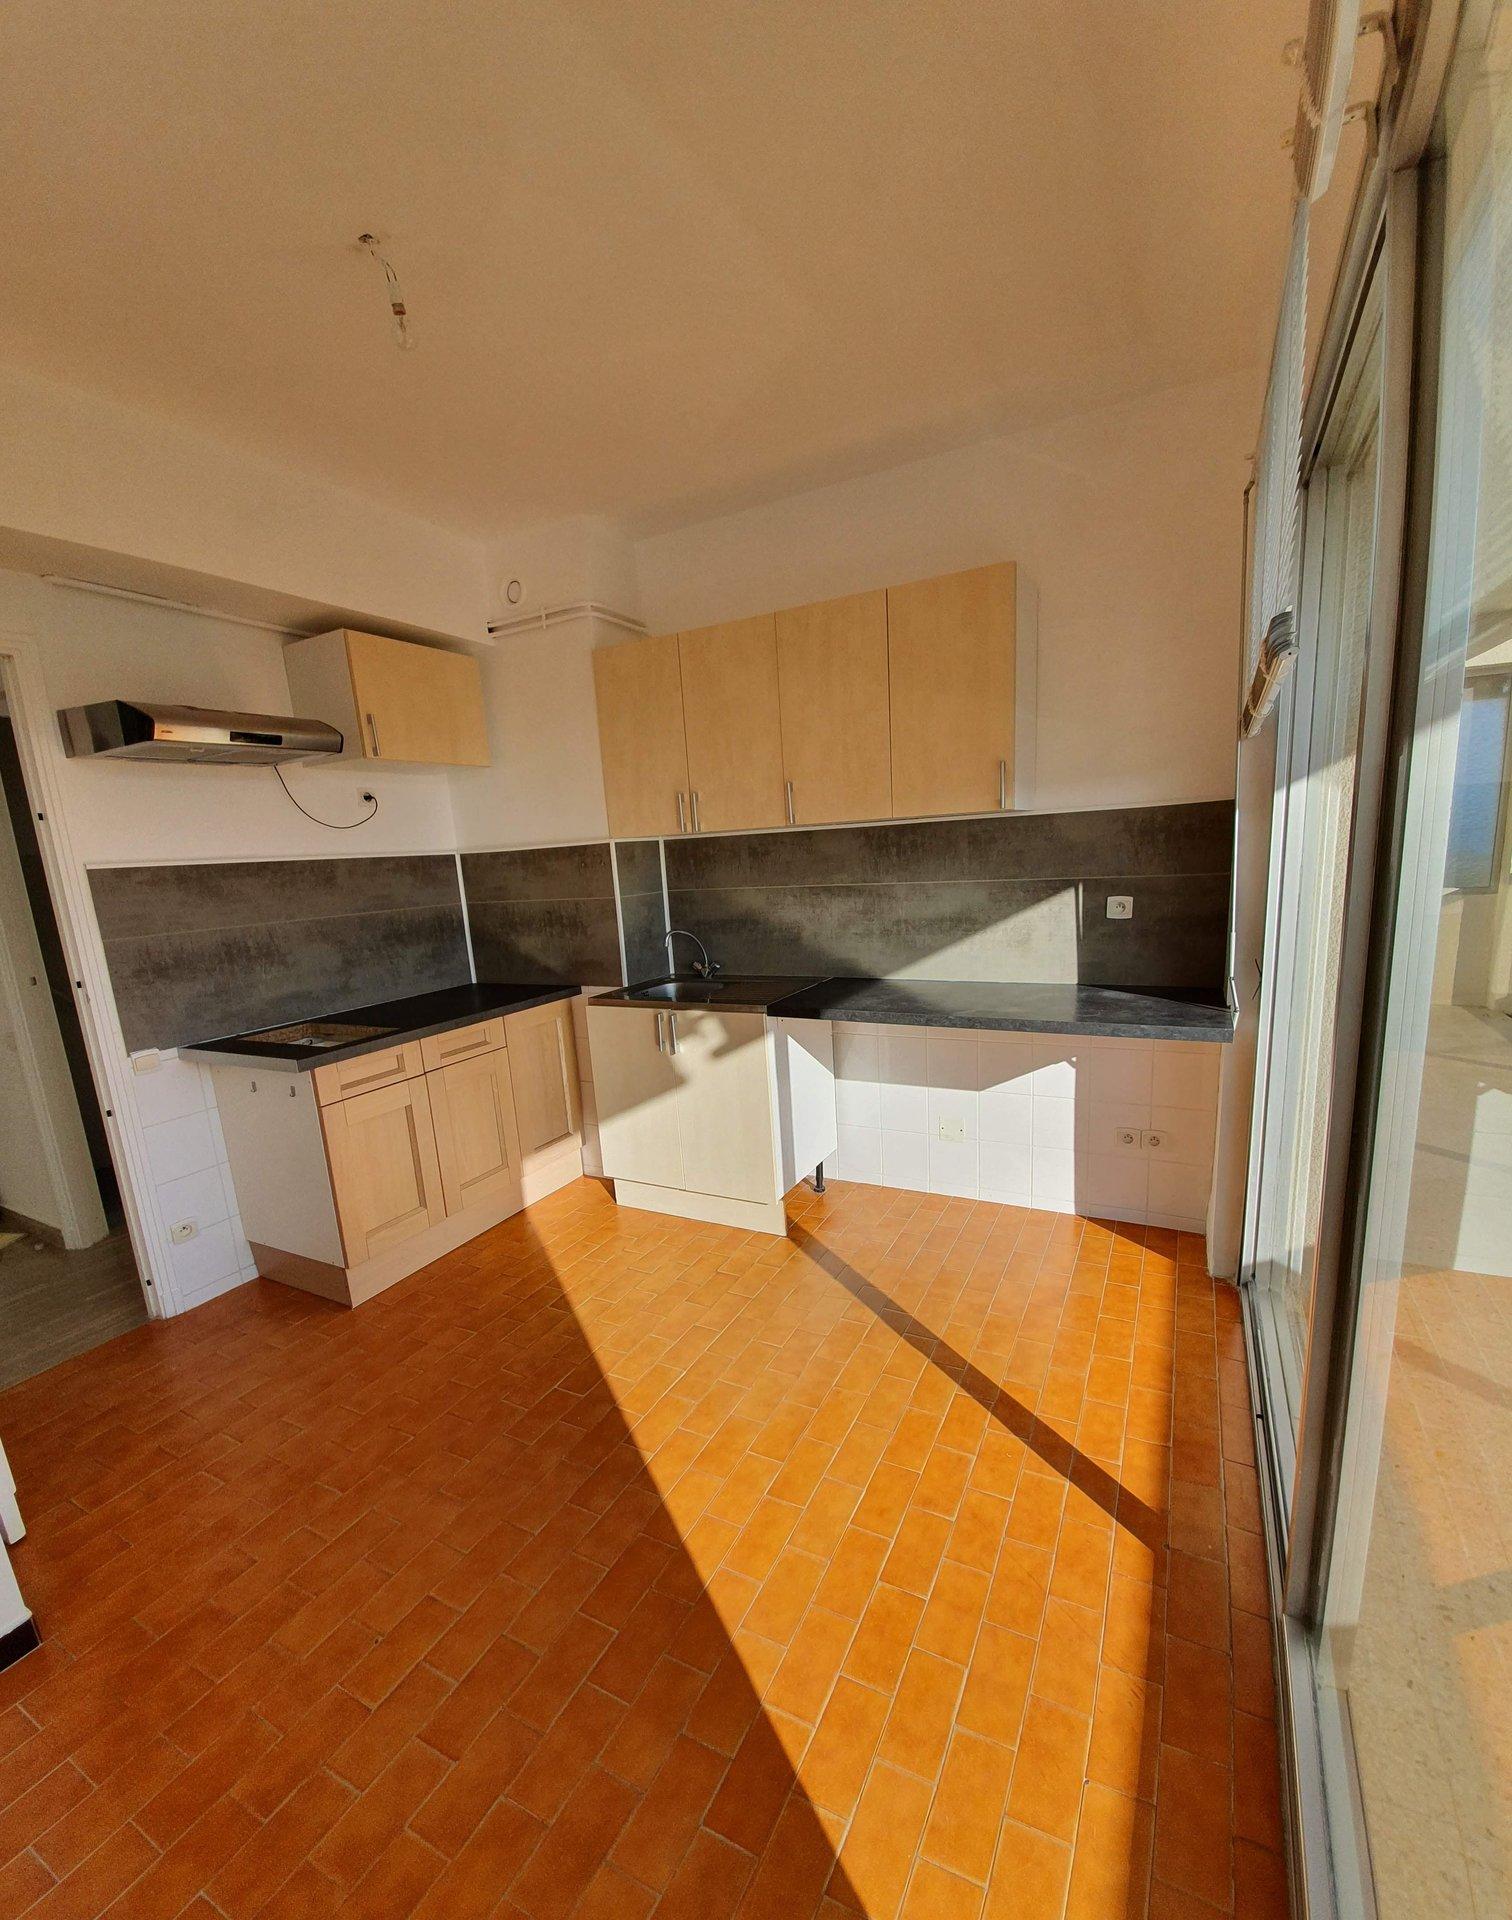 Appartement T2 62m², vue mer prodigieuse